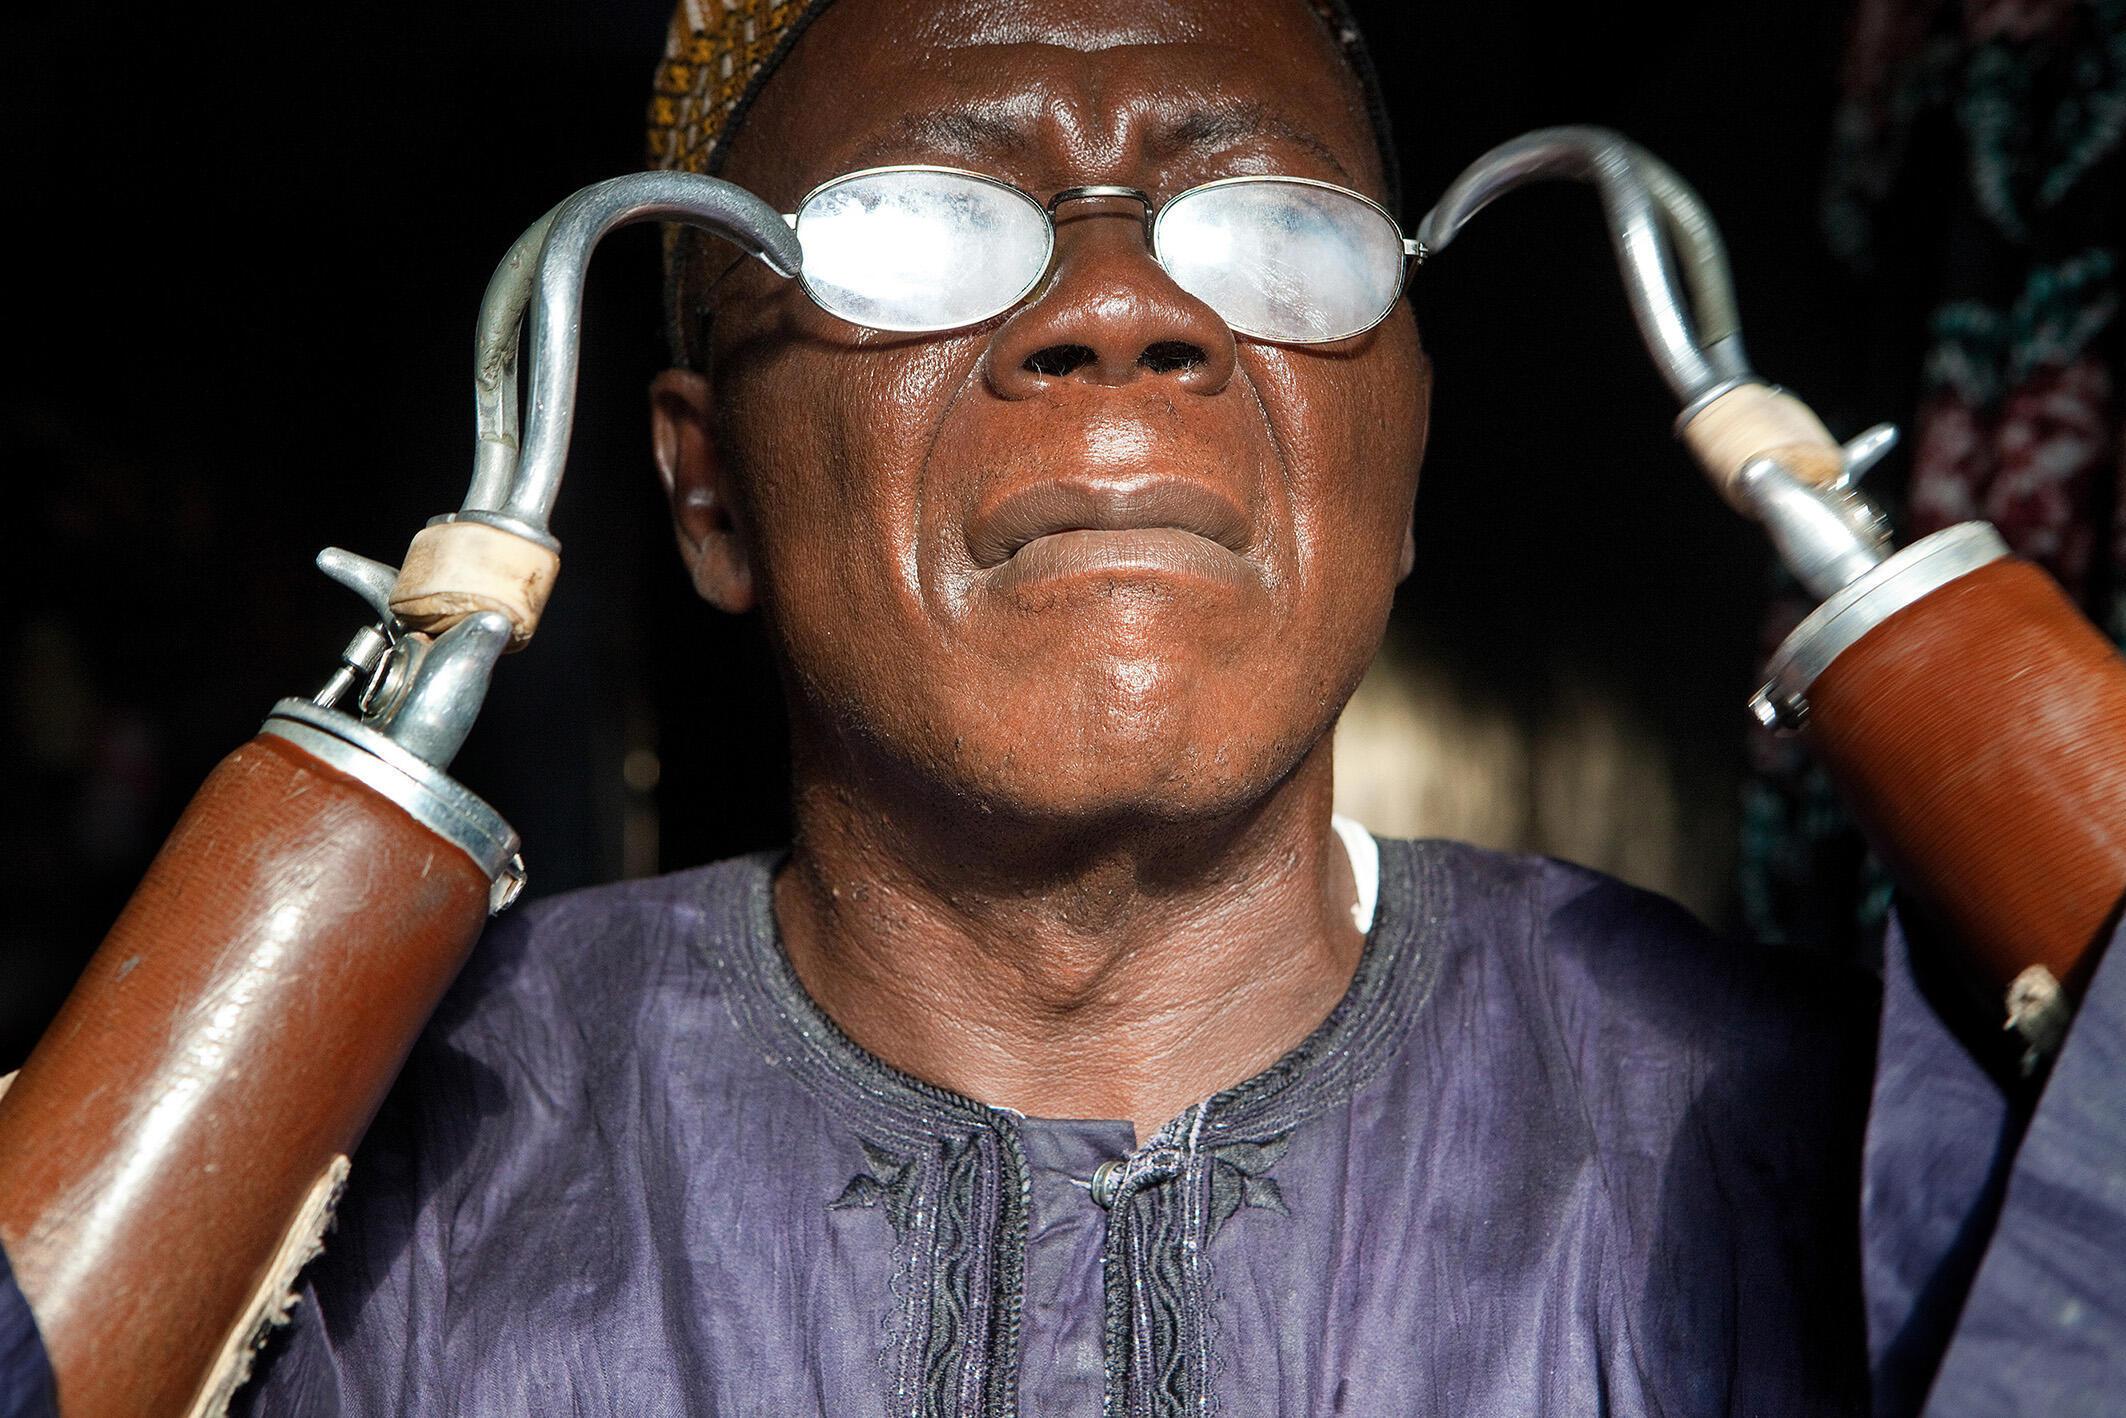 Sierra Leone, 2010. Jusu Jarka a eu les mains coupées en janvier 1999 par les rebelles du groupe armé RUF (Revolutionary United Front) soutenu par Charles Taylor. Jarka a été le premier Sierra-Léonais autorisé à voter sans identification des empreintes.